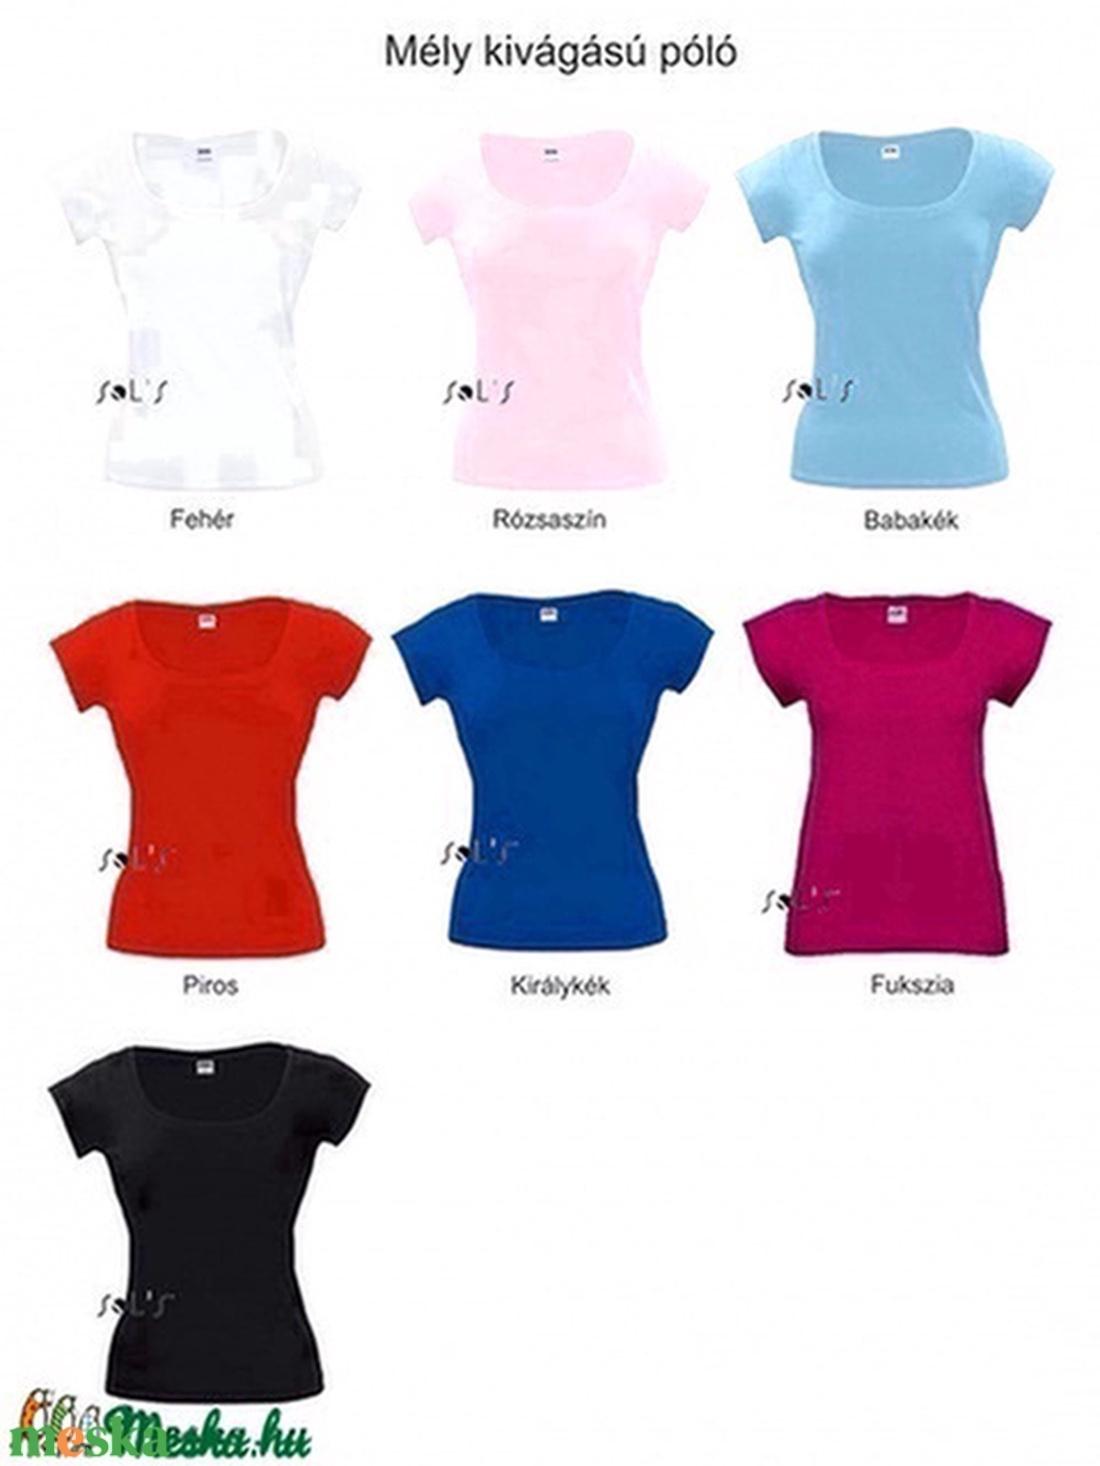 Általad tervezett női póló (mély kivágású, karcsúsított fazon) - ruha & divat - női ruha - póló, felső - Meska.hu